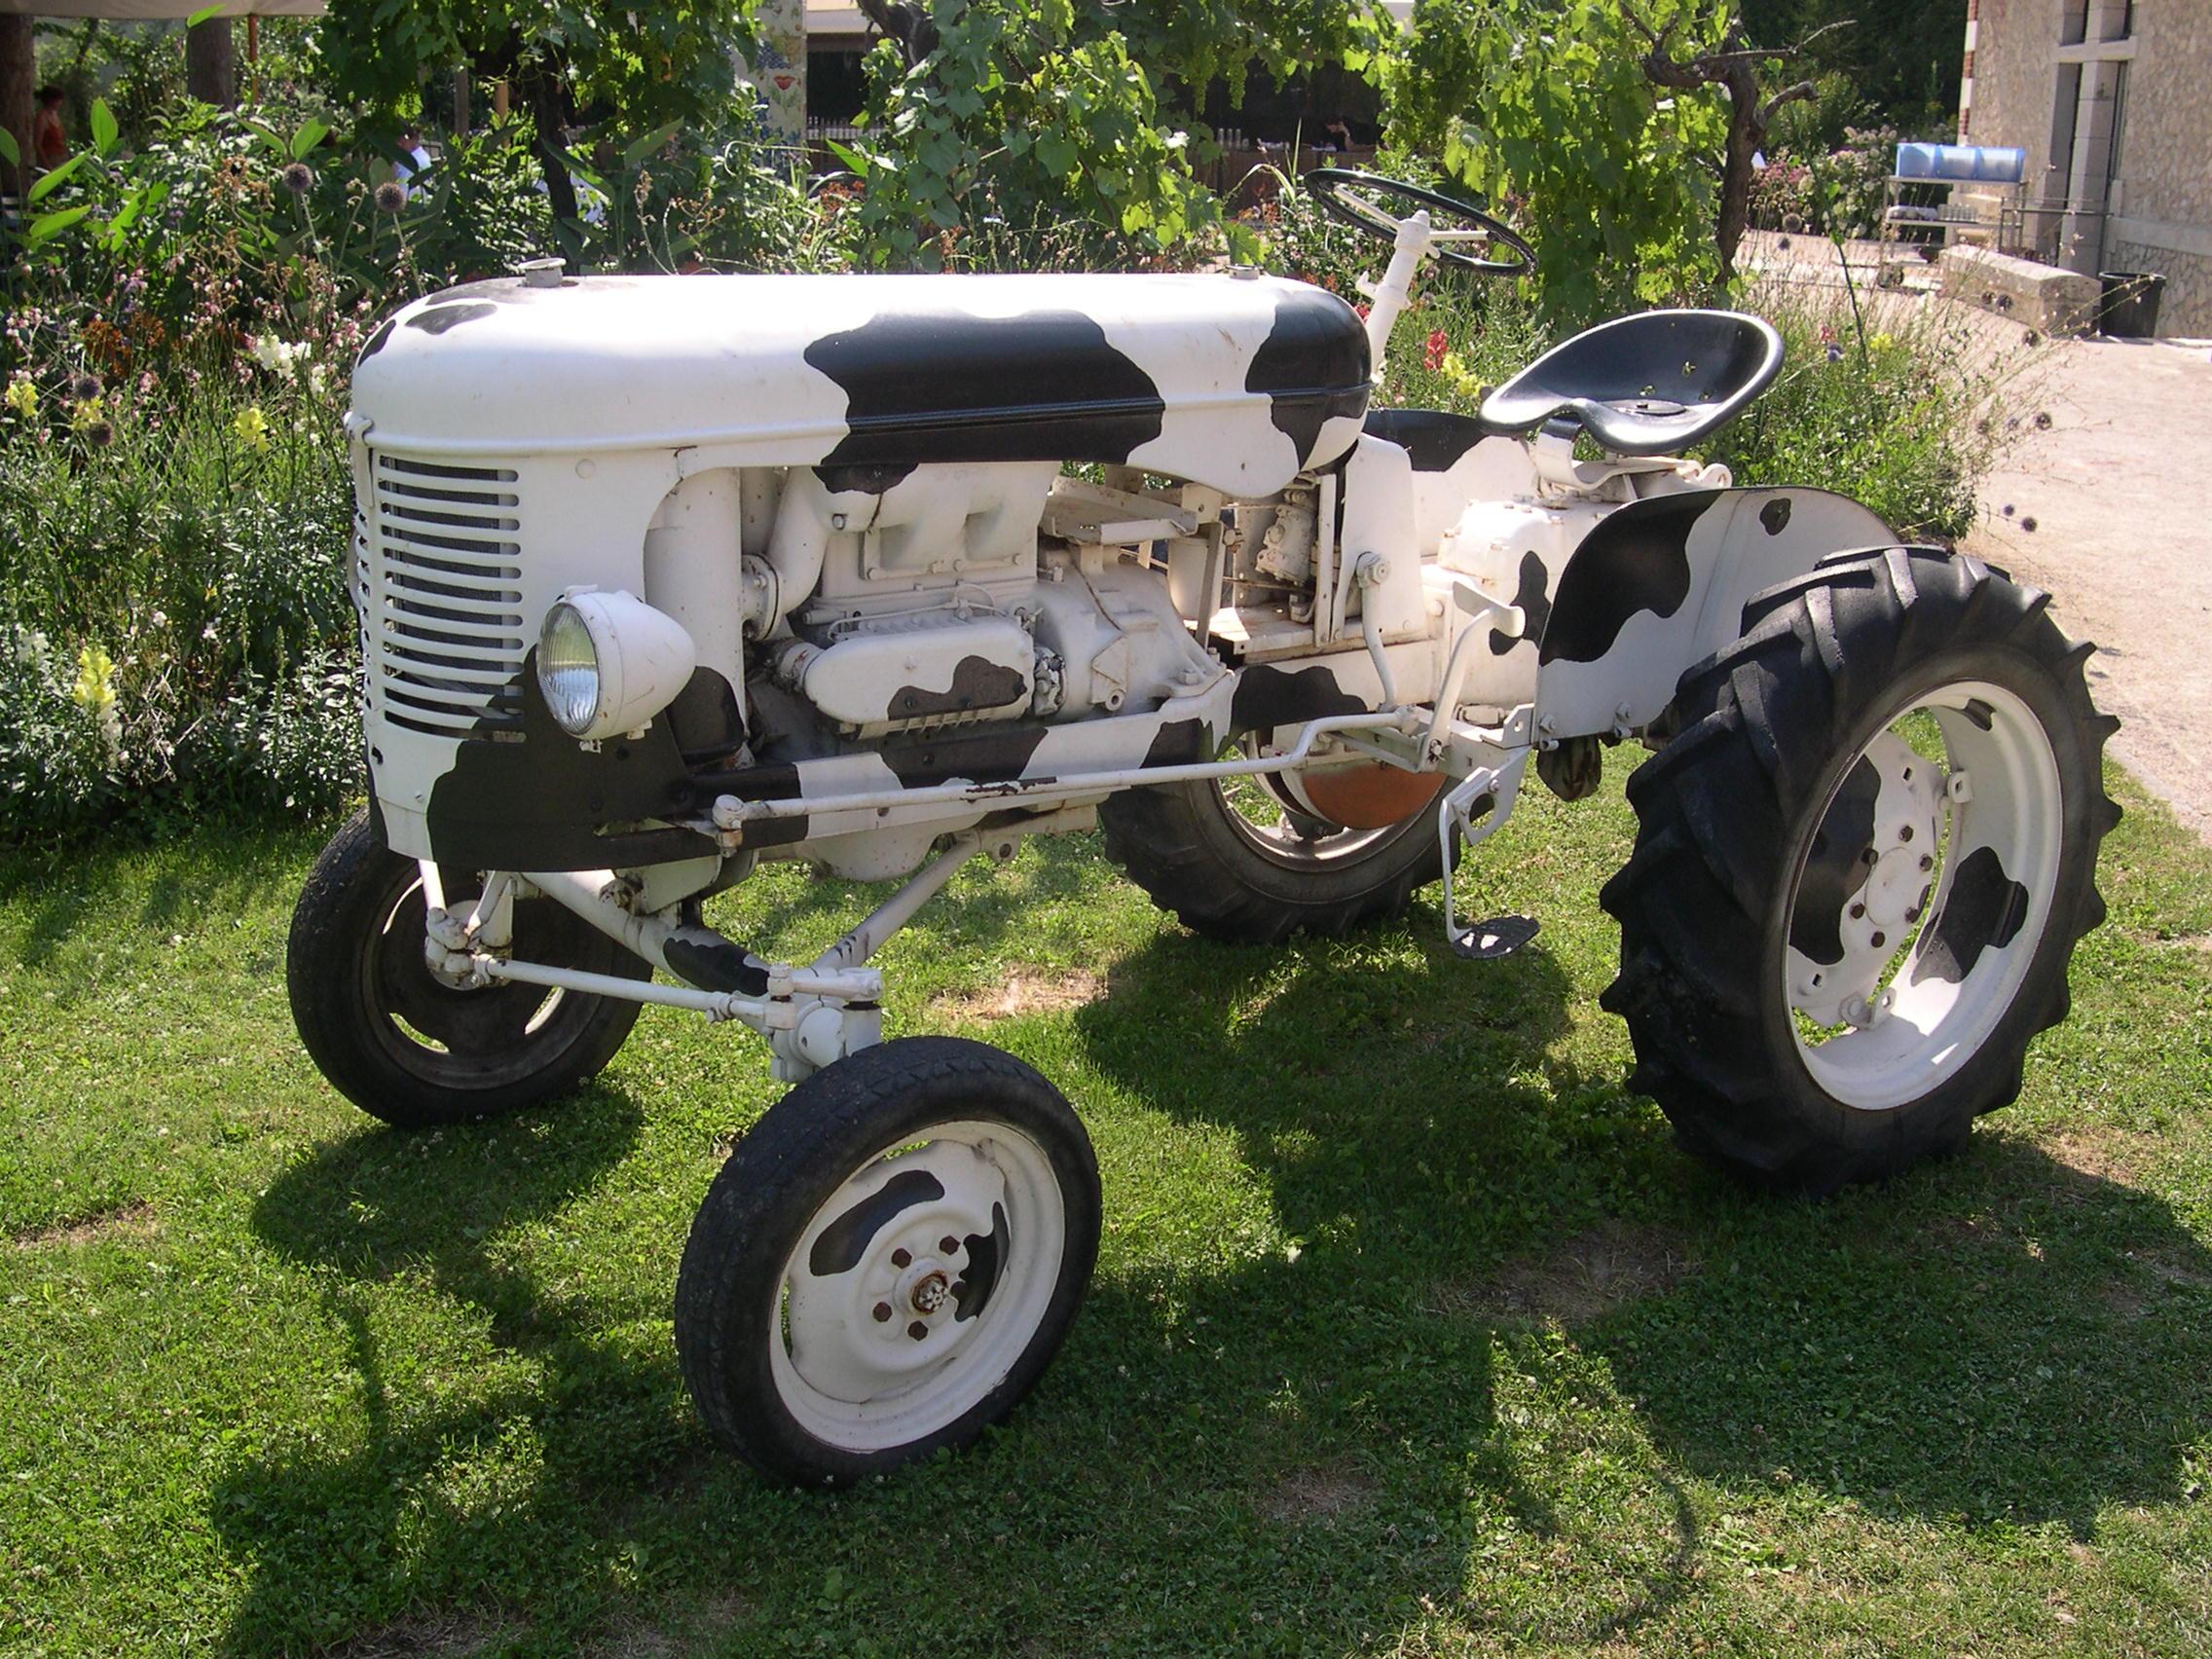 Photo réelle d'un tracteur peinturé comme une vache, donc blanche avec des taches noires.